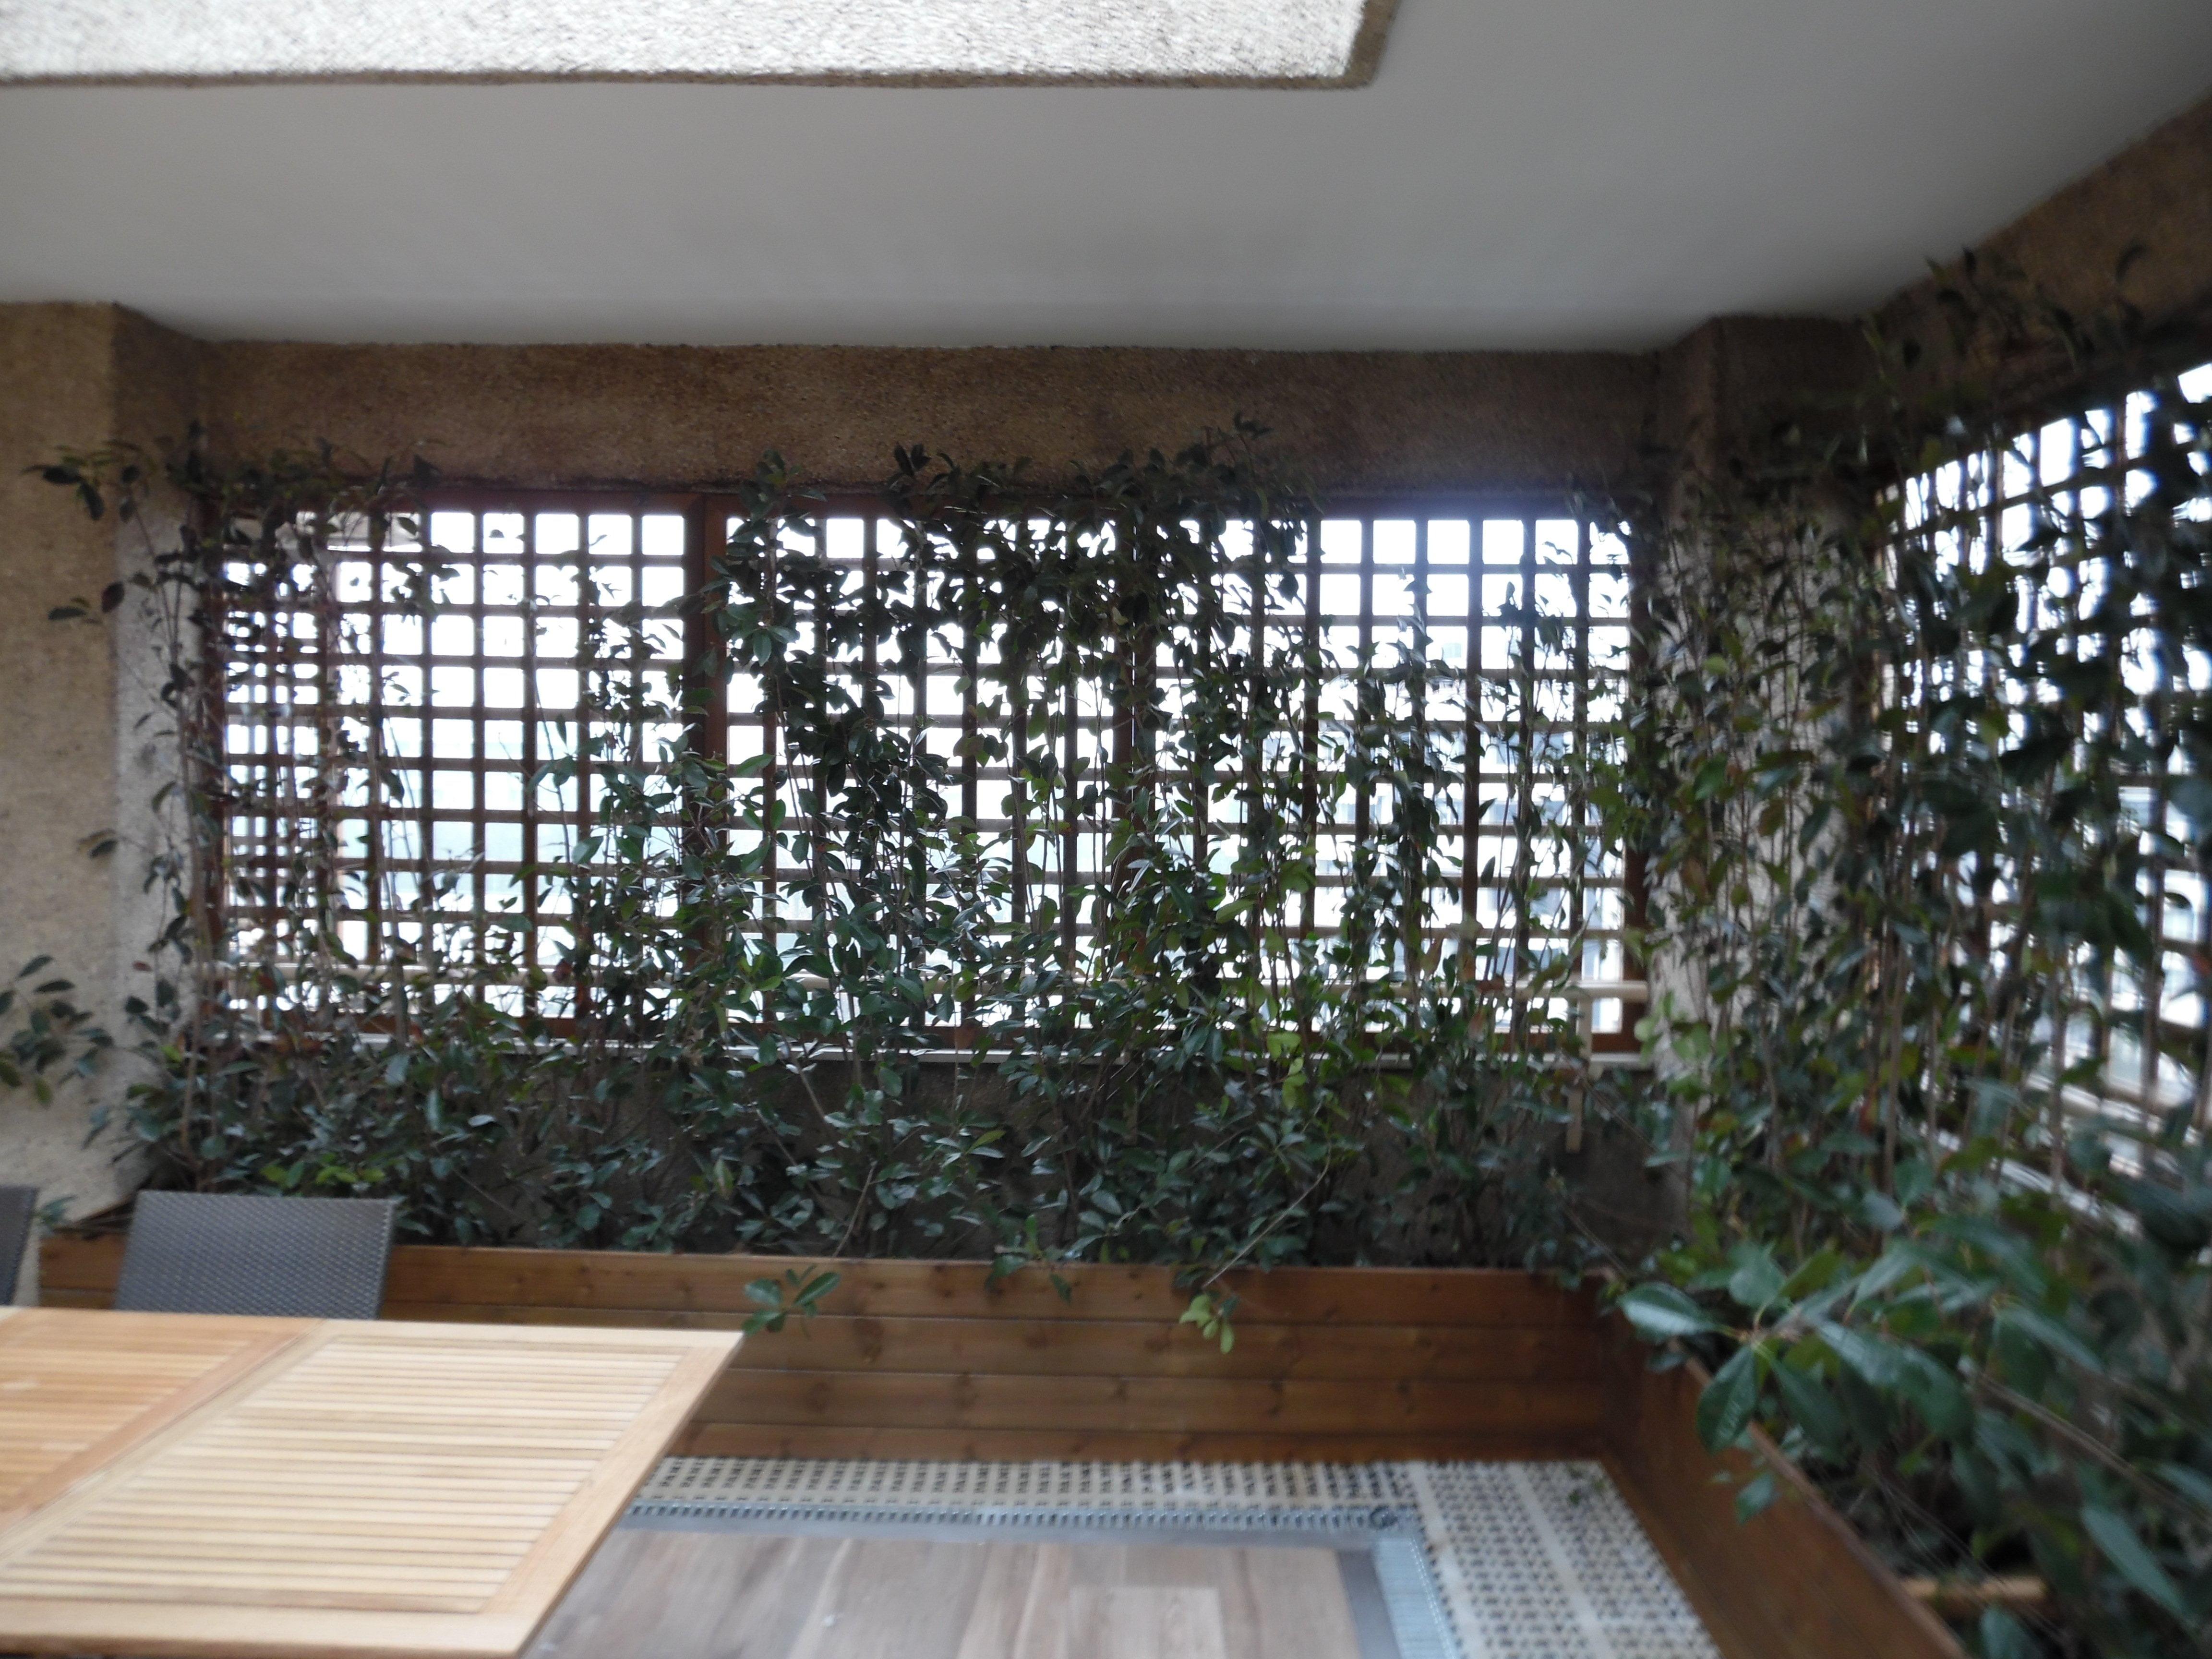 Grigliati in legno per esterno con policarbonato trasparente cereda legnami agrate brianza - Grigliati in legno ikea ...